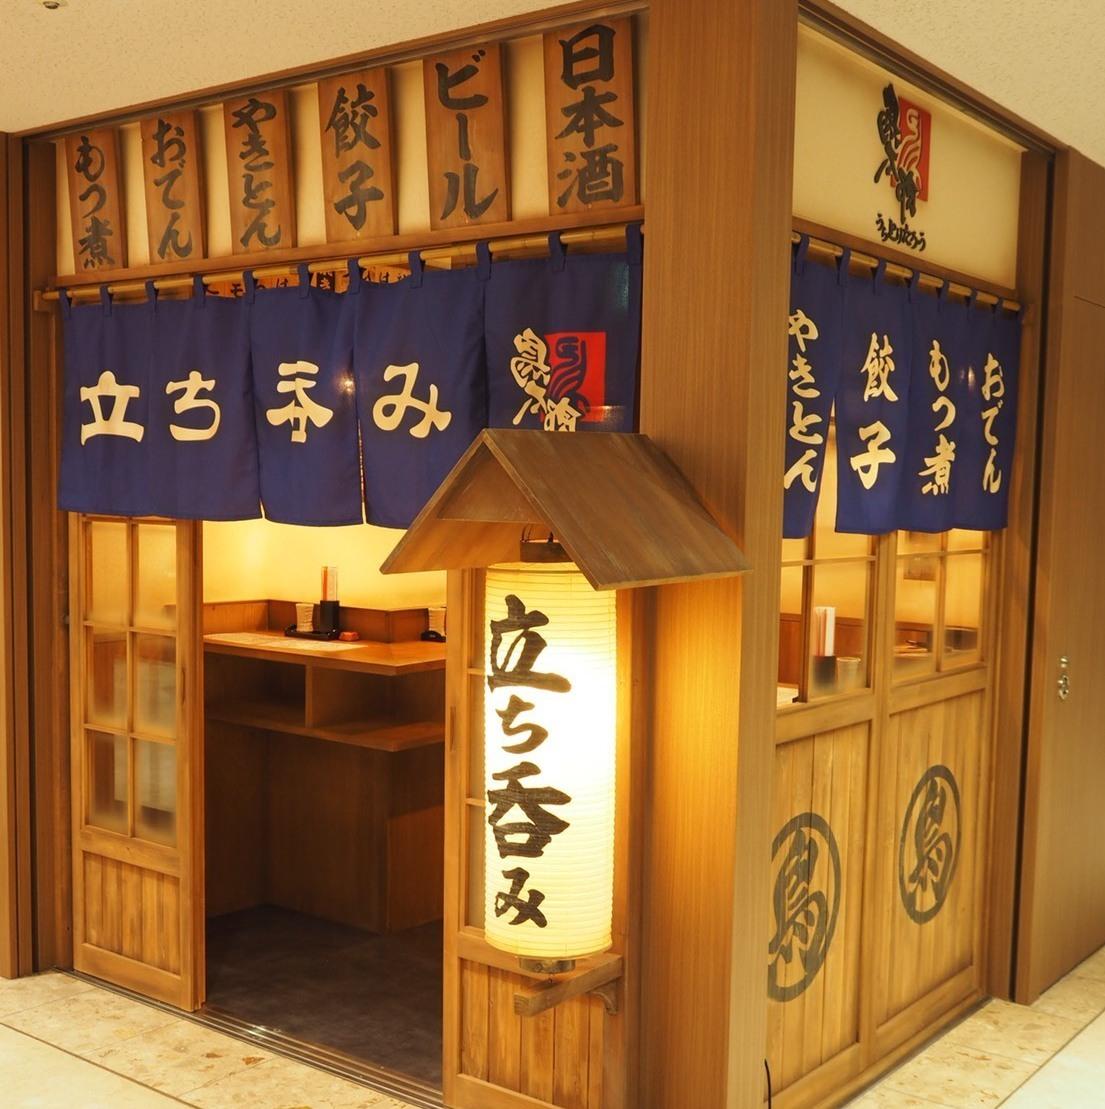 位於Toritaro Sapporo商店入口旁邊的一家飲水店,它將於4月17日開業!您可以以超便宜的價格品嚐正宗的Toritaro烤雞肉串♪